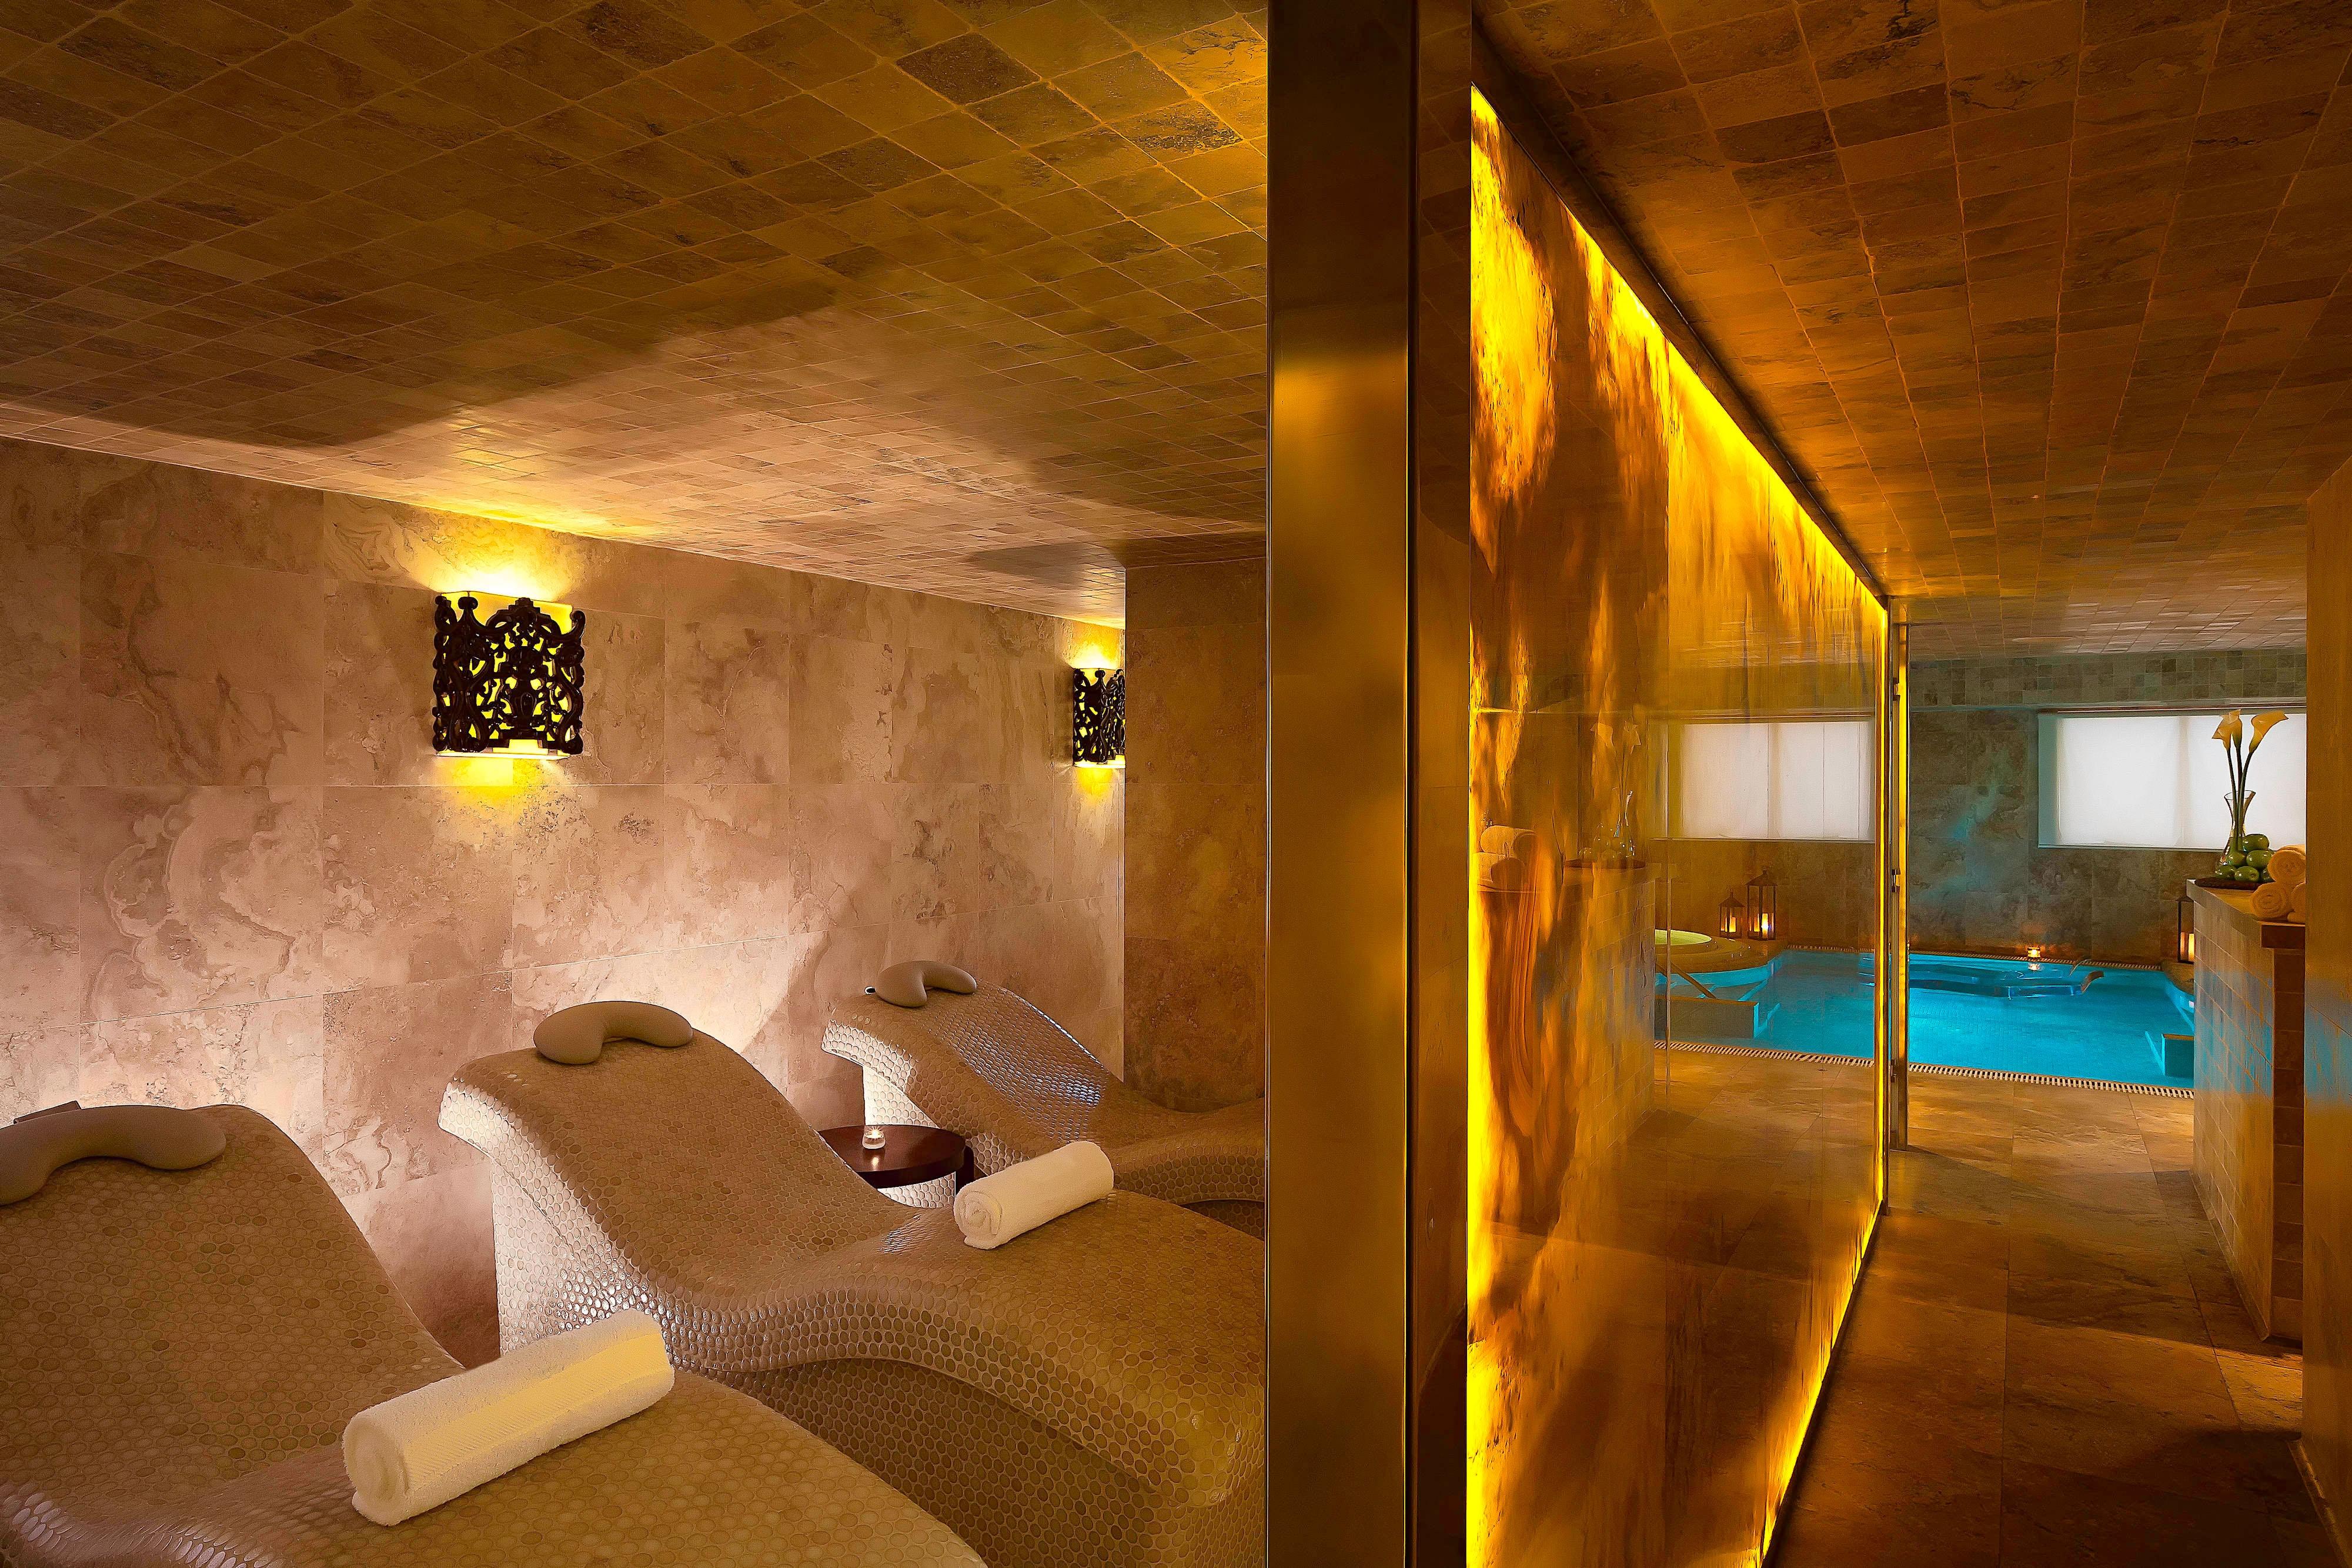 Spa - Therapeutic Room